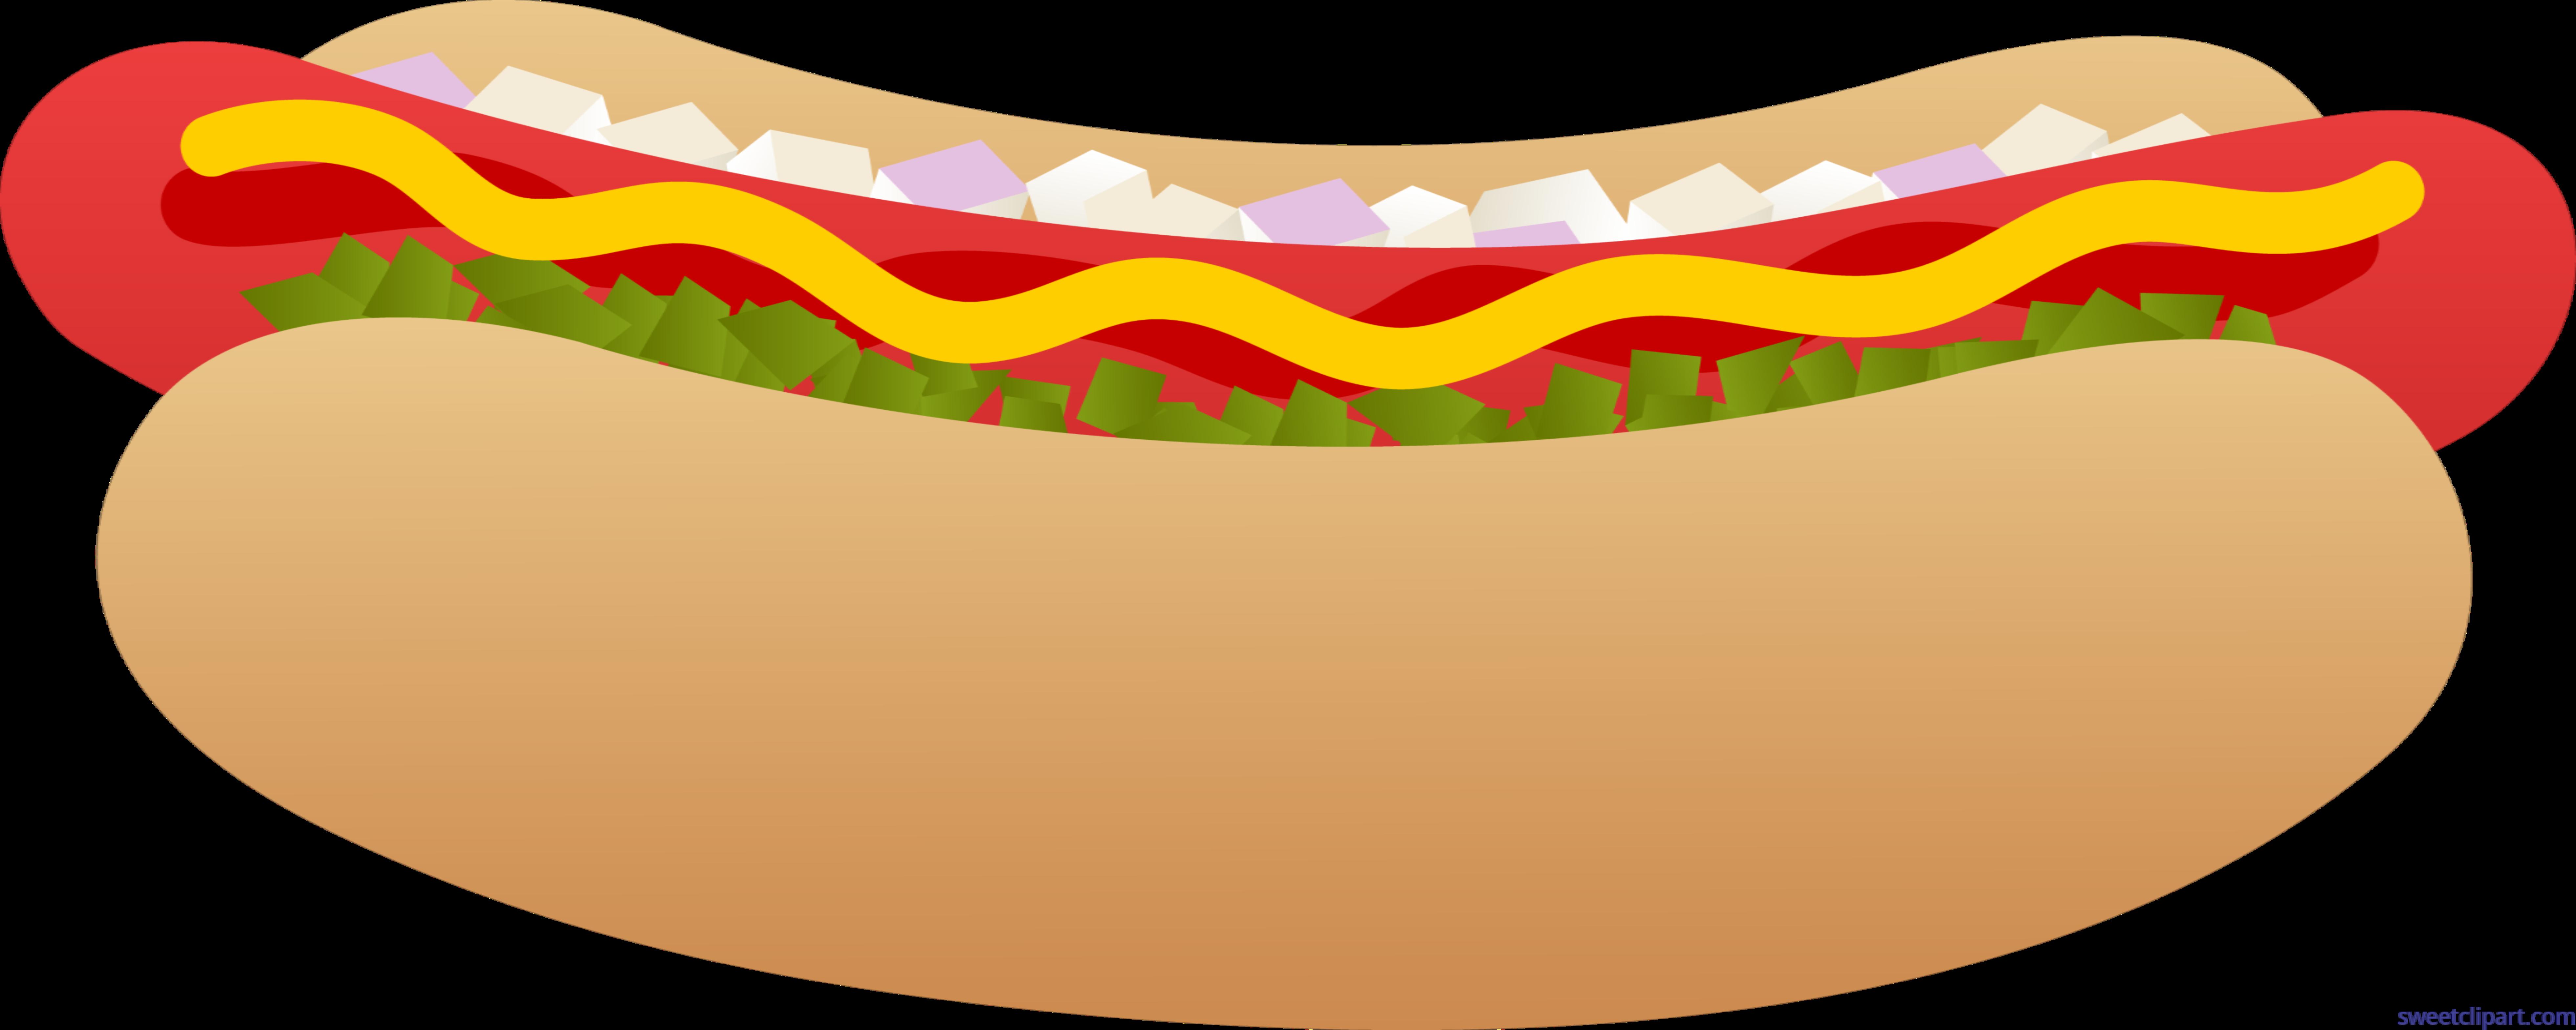 Hotdog clipart. Hot dog on bun